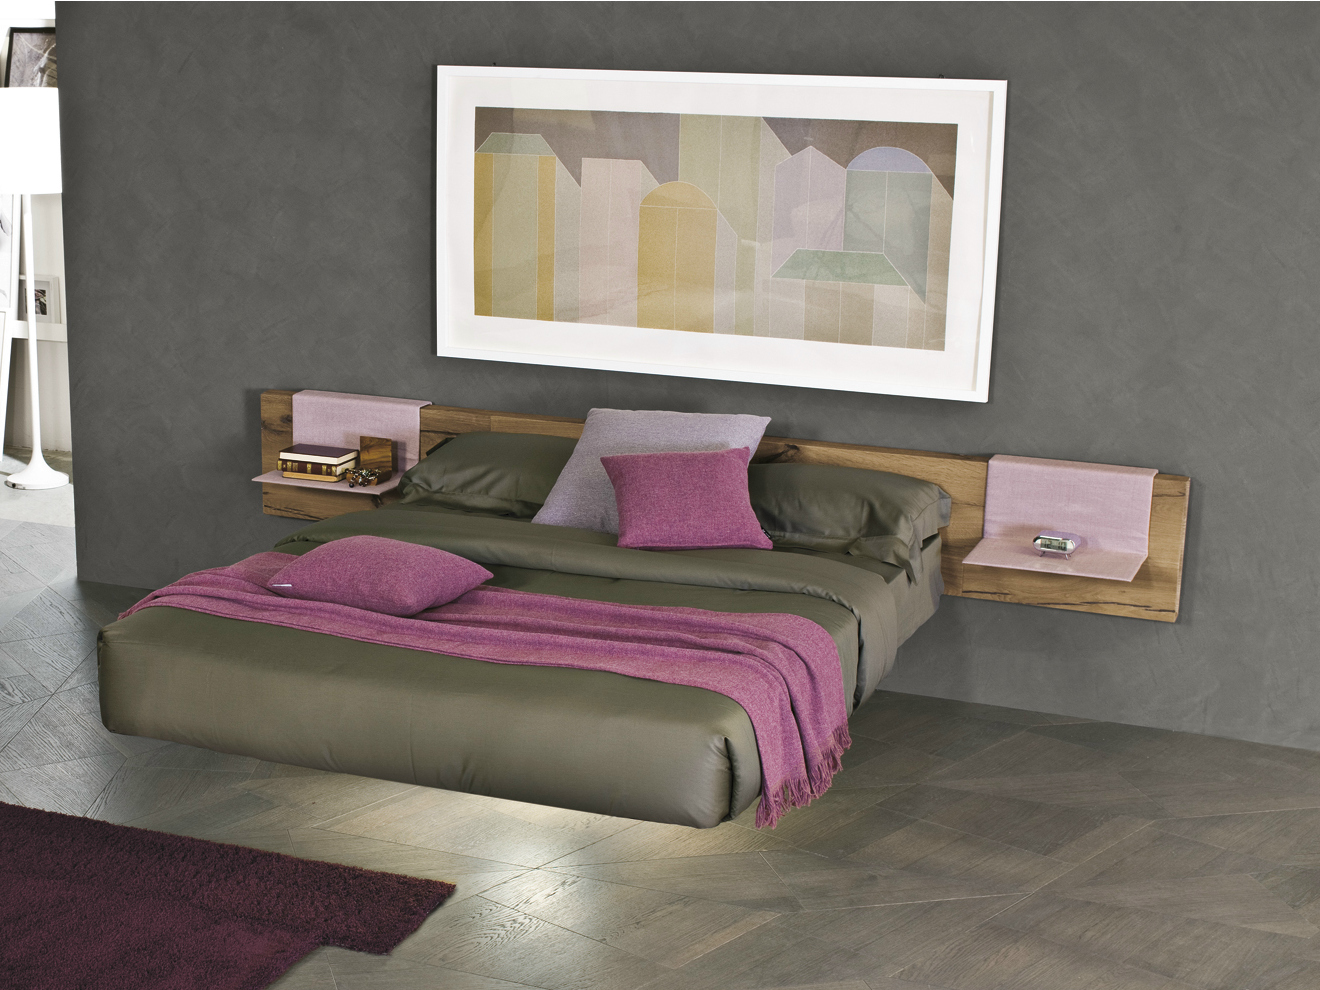 Letto matrimoniale in legno fluttua wilwood by lago design - Altezza letto matrimoniale ...